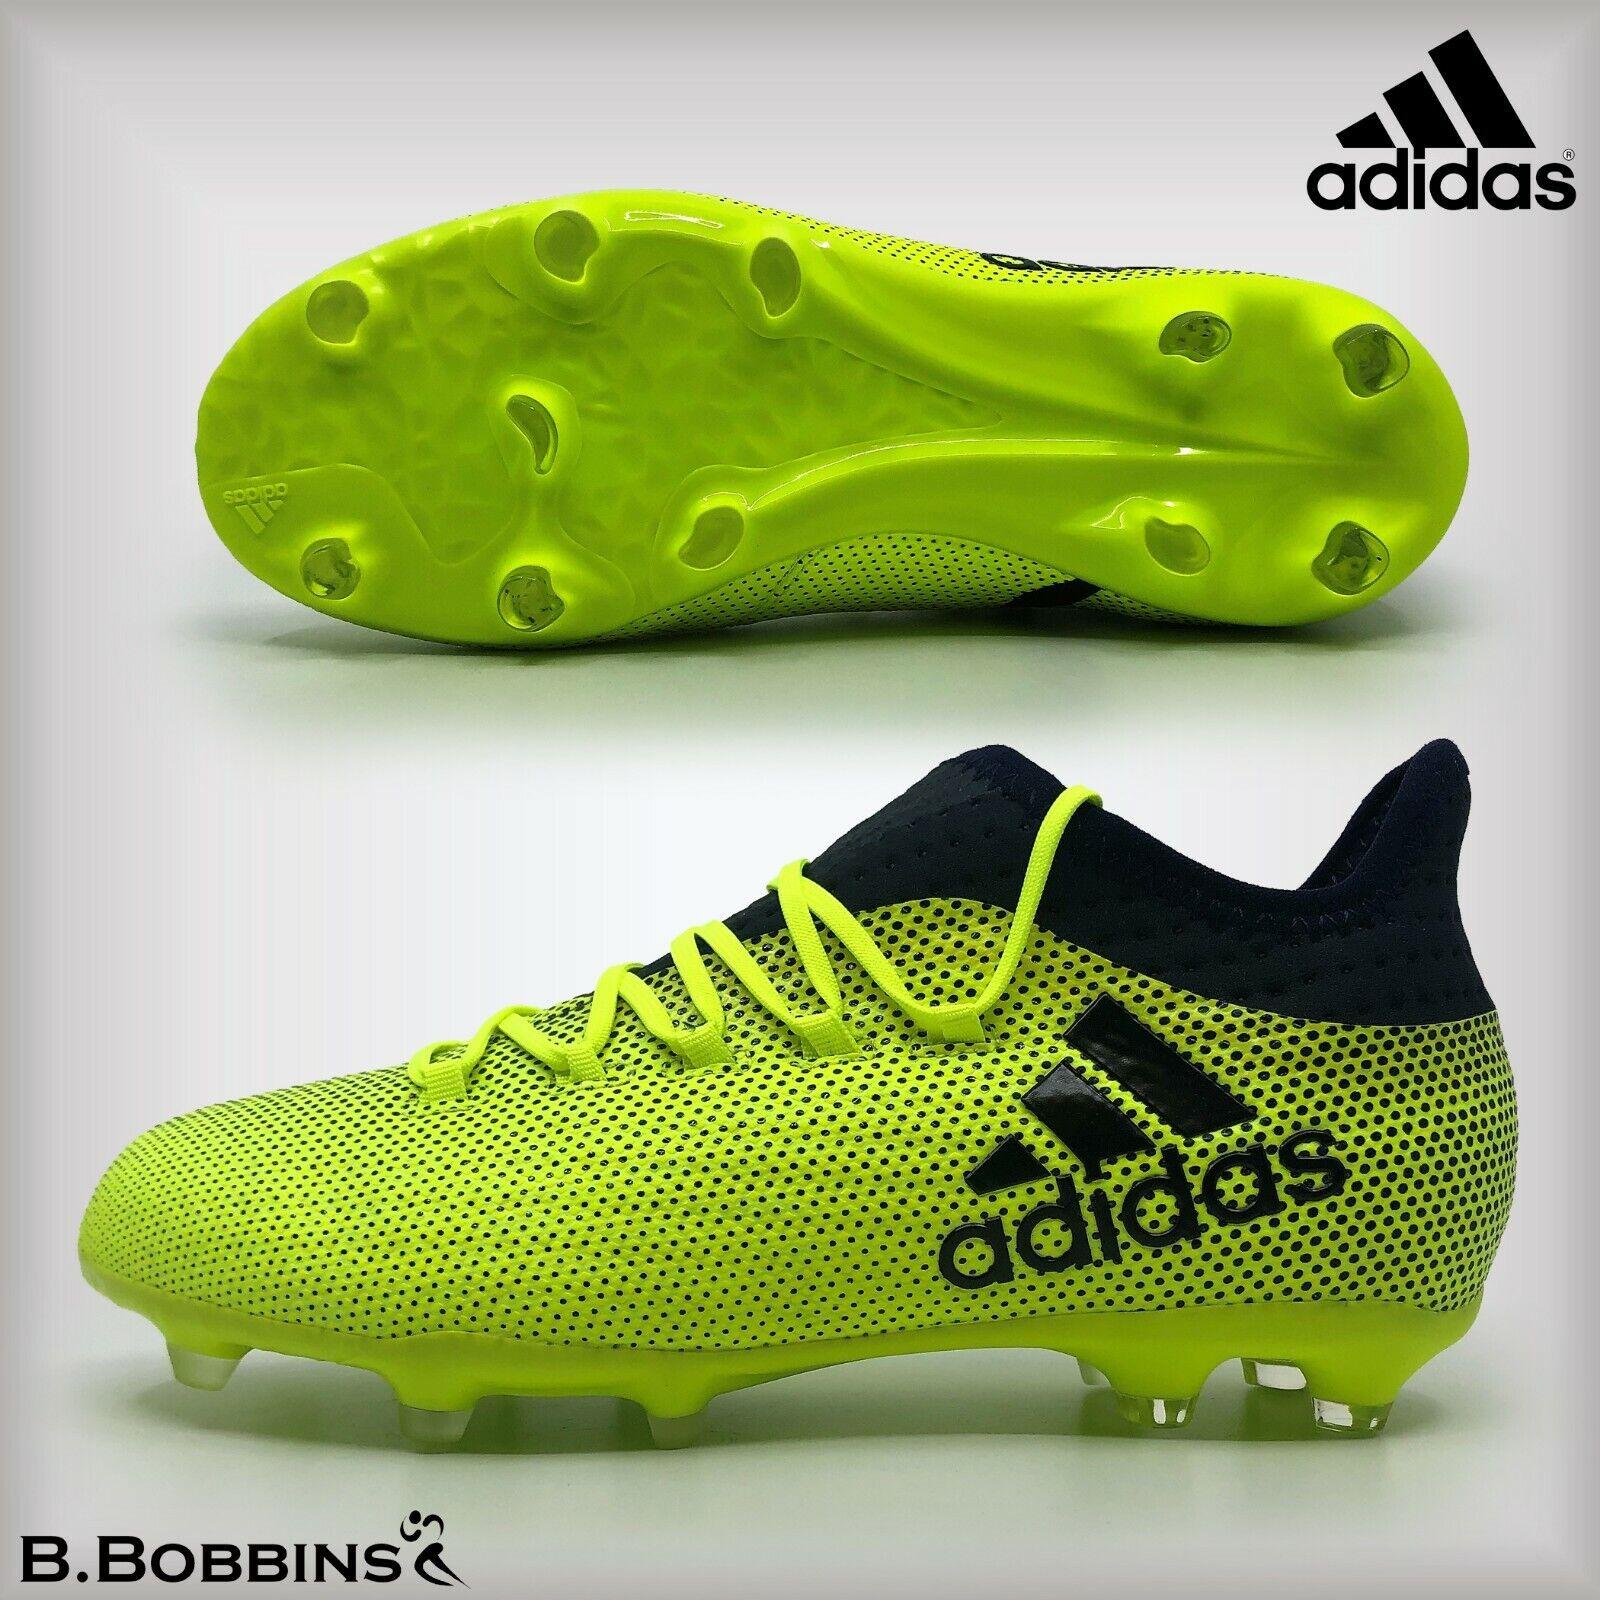 X 15.3 Fg/ag J Leath Football BOOTS